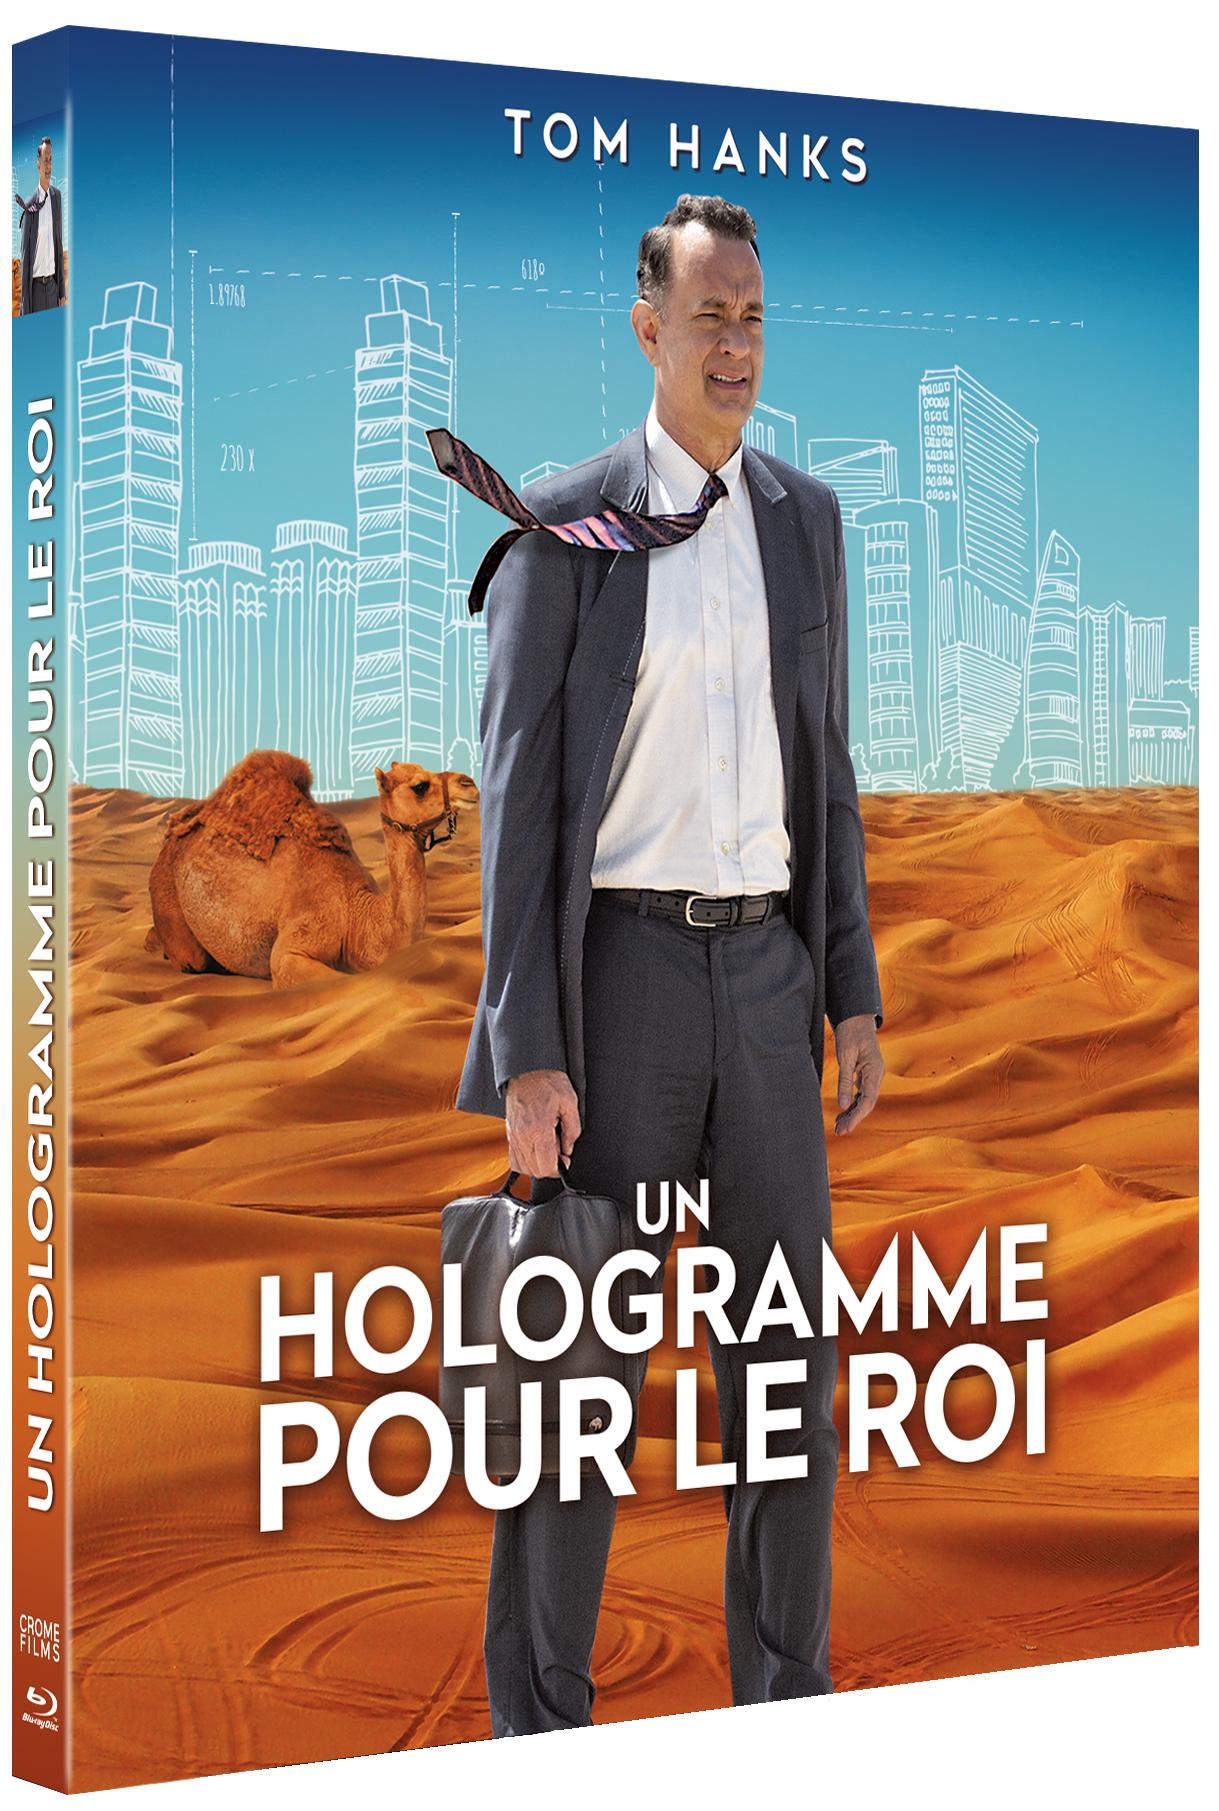 UN HOLOGRAMME POUR LE ROI - BRD